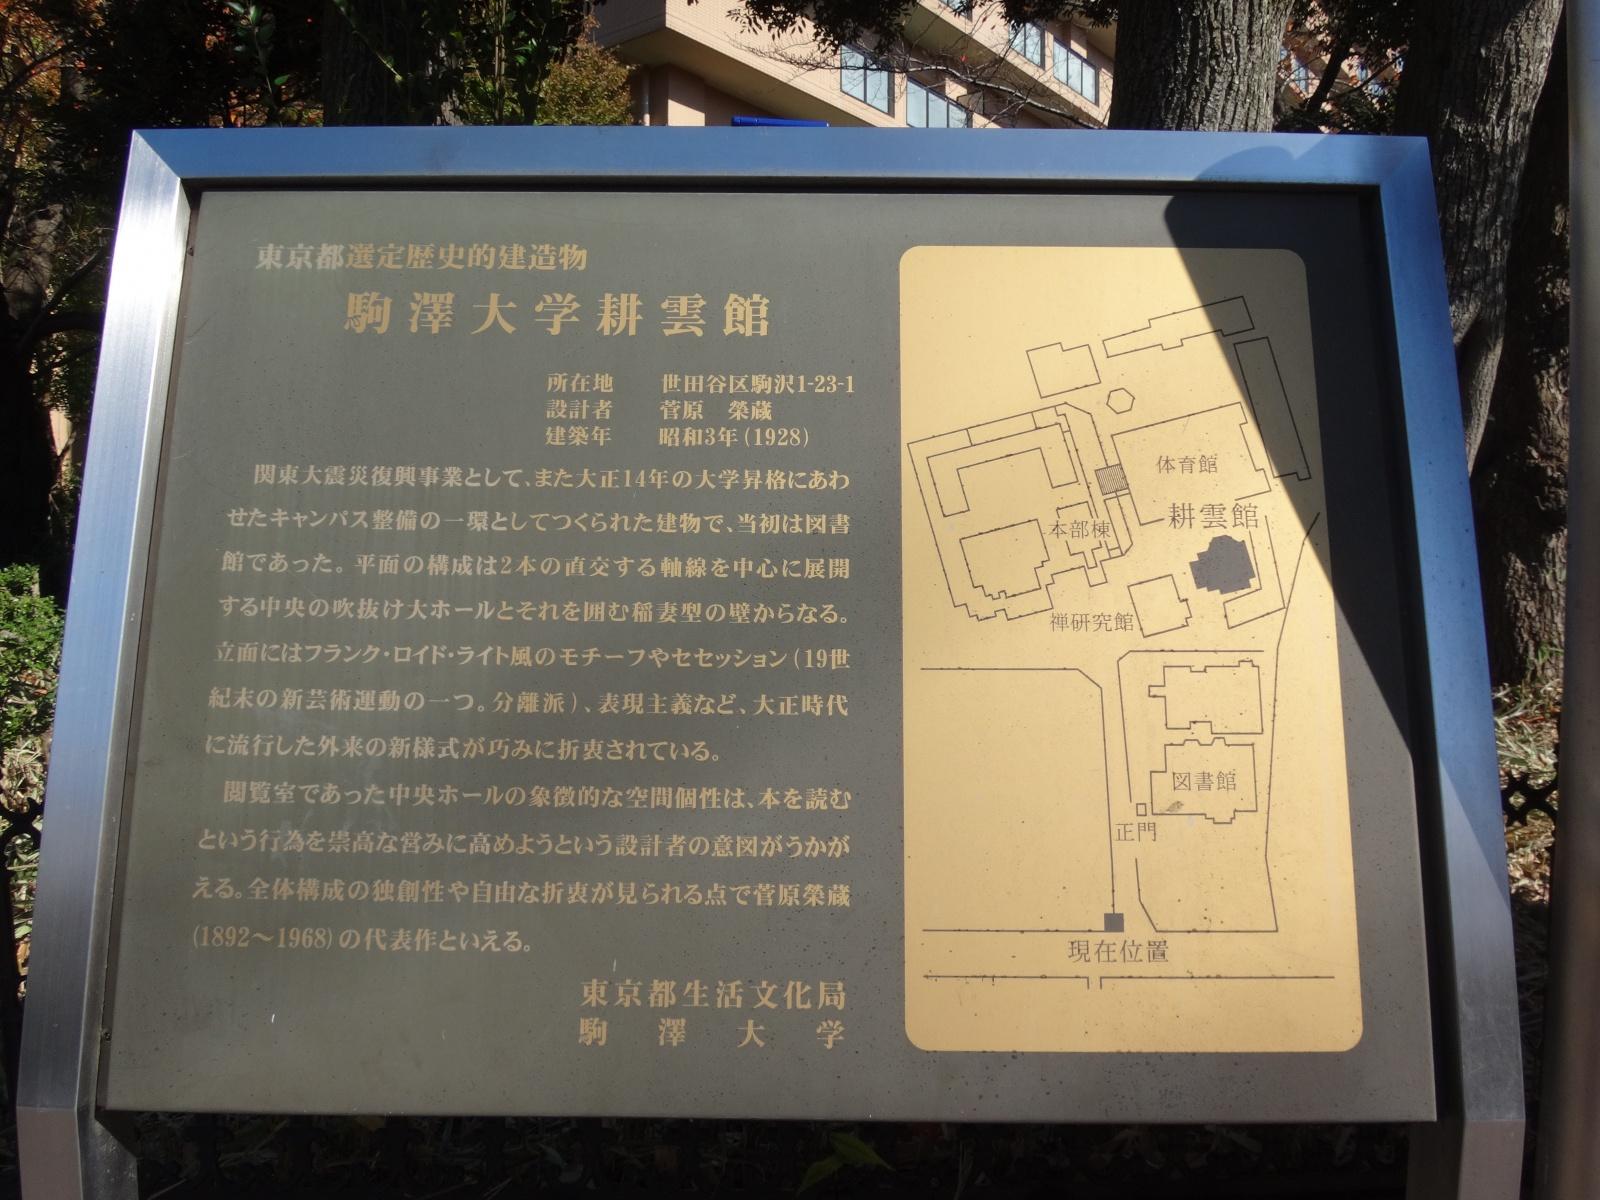 駒澤大学耕雲館1